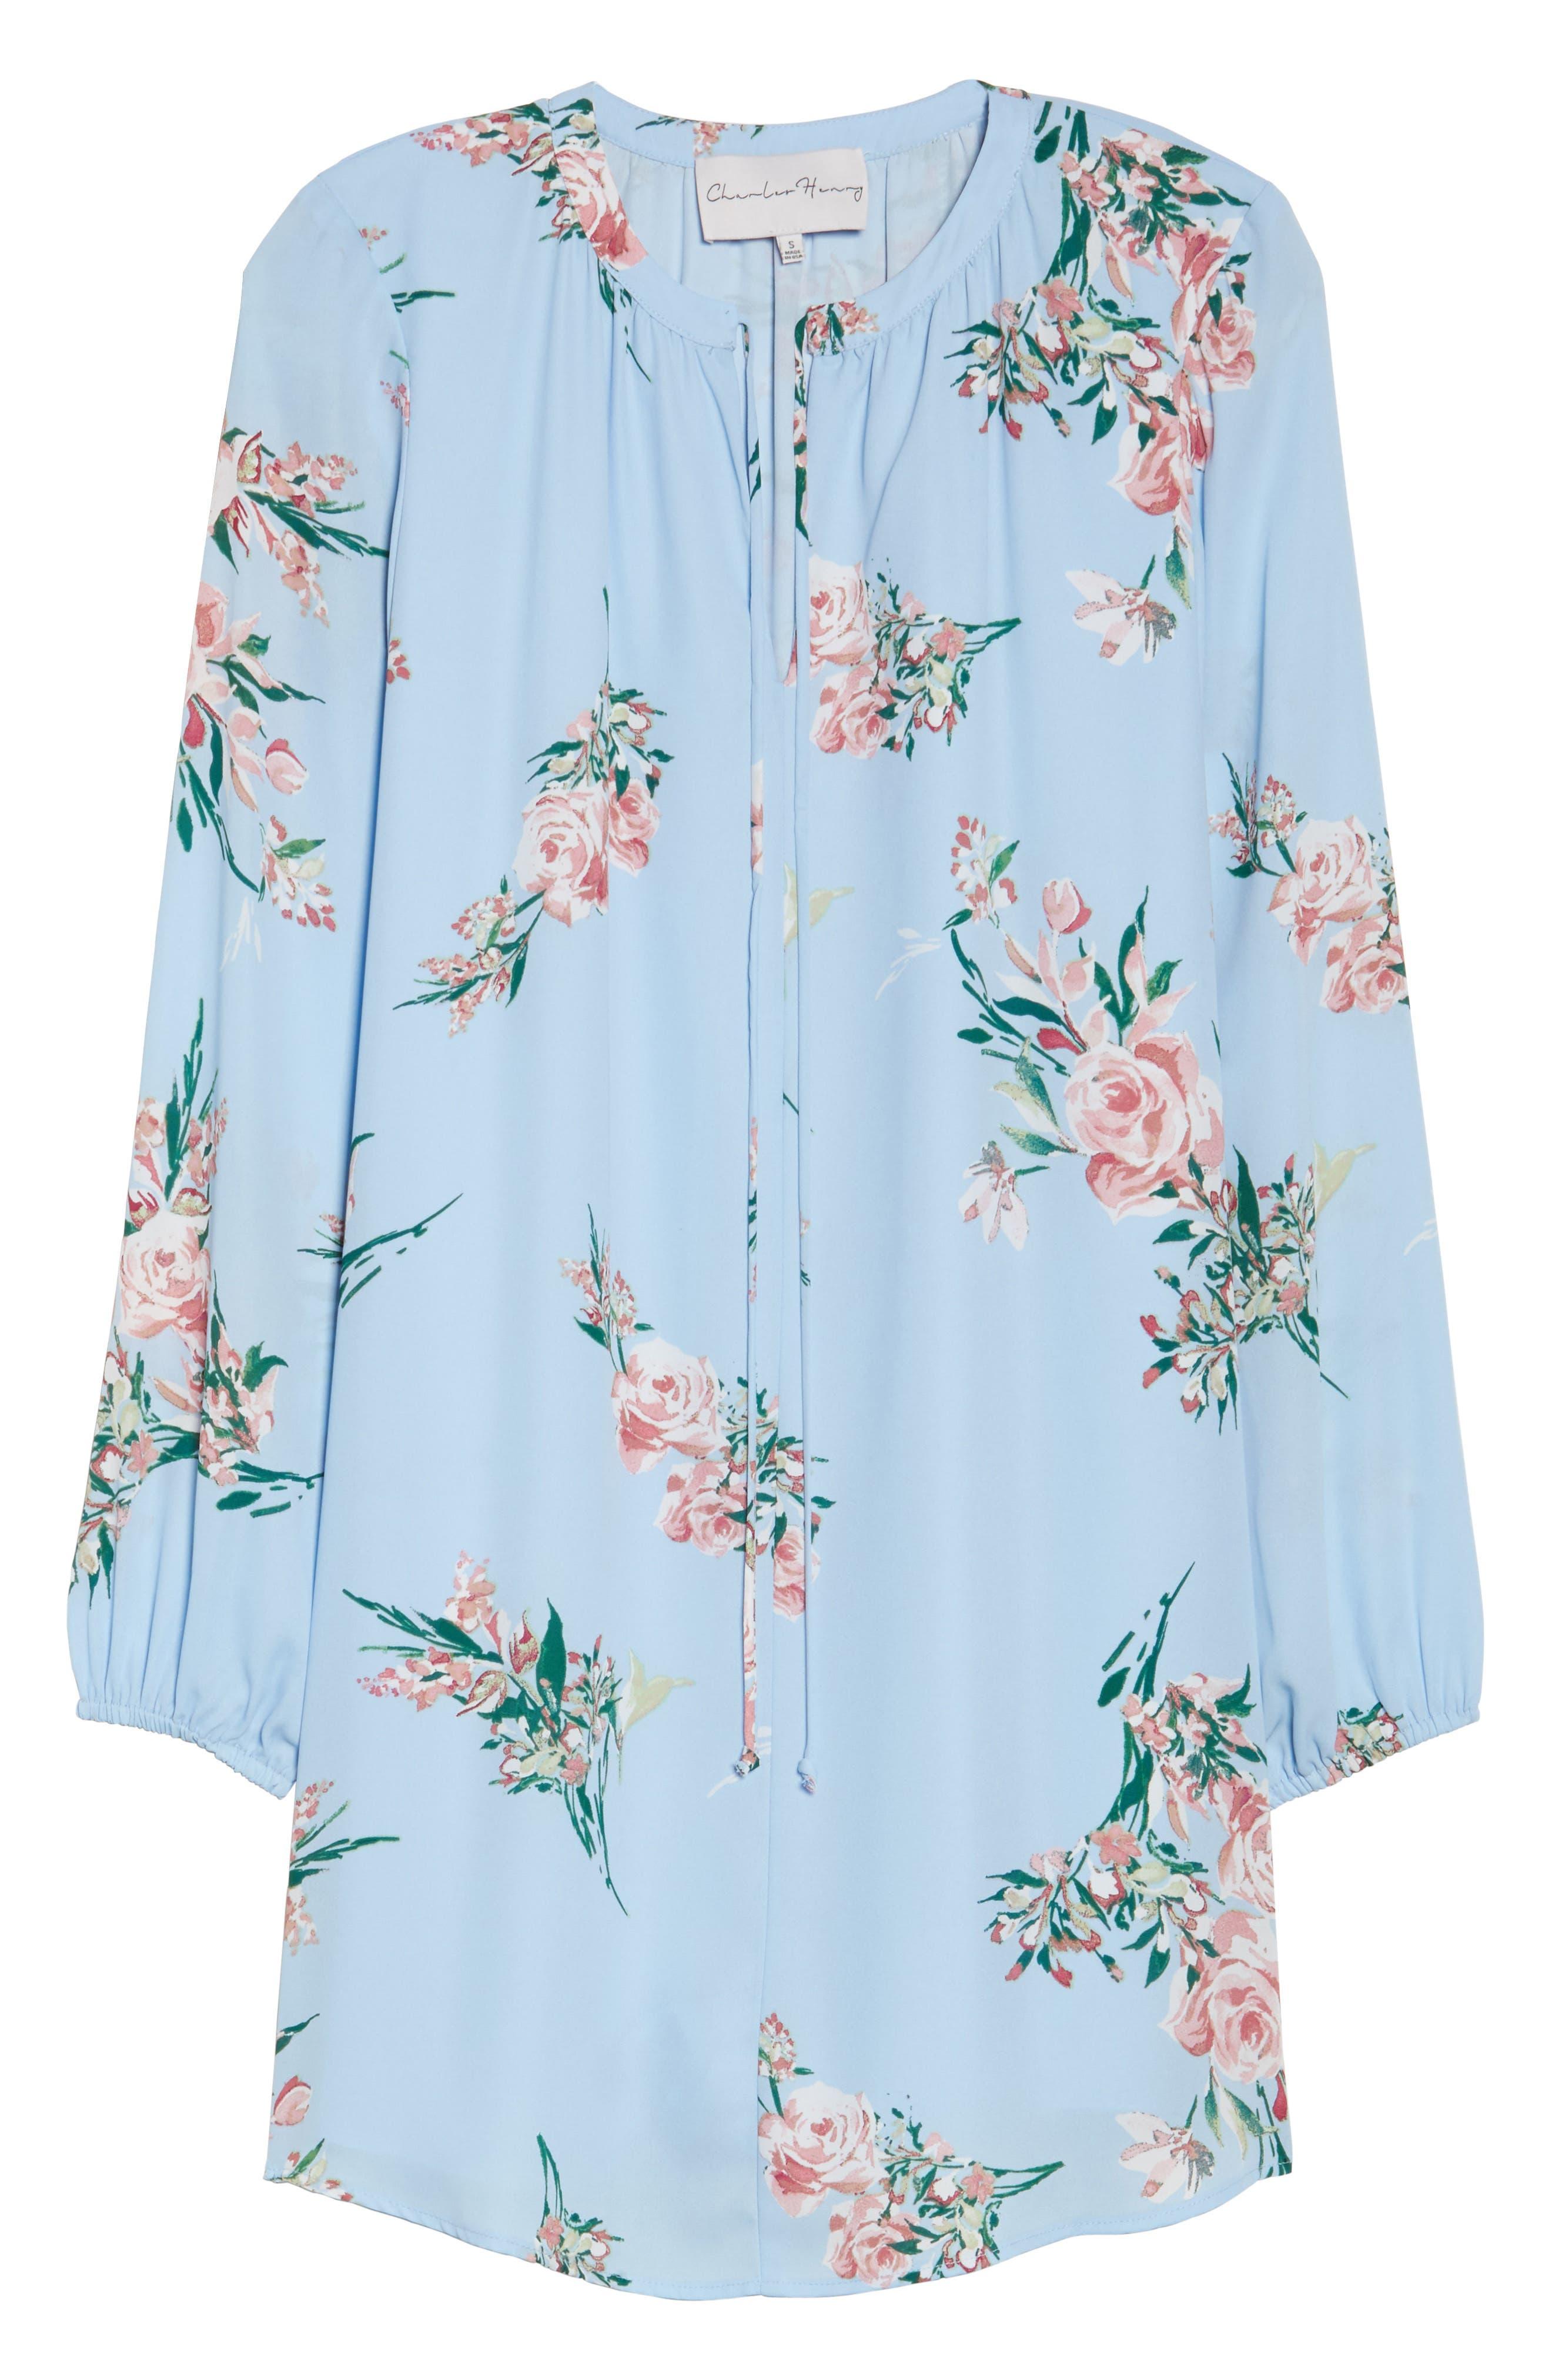 Floral Shift Dress,                             Alternate thumbnail 6, color,                             Blue Floral